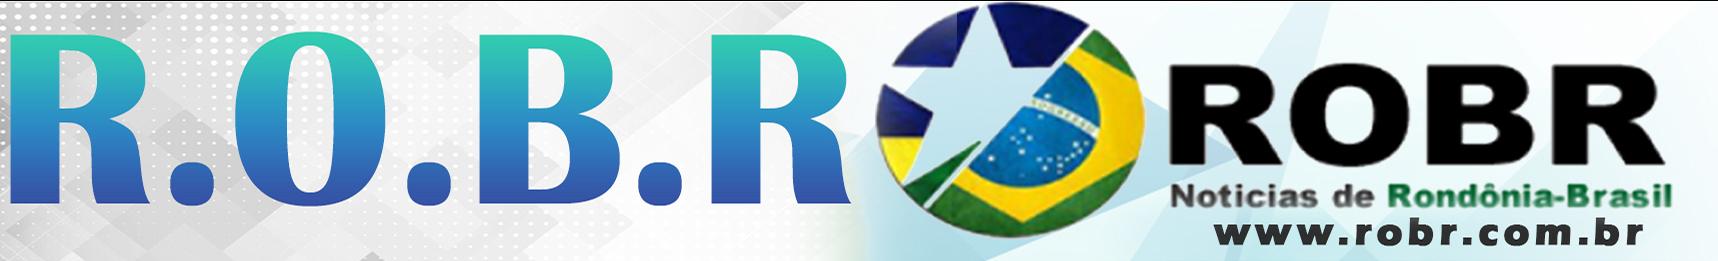 http://www.robr.com.br/conteudo/id-928361/pf_apura_fraude_em_transfer_ncias_suspeitas_de_domic_lios_eleitorais